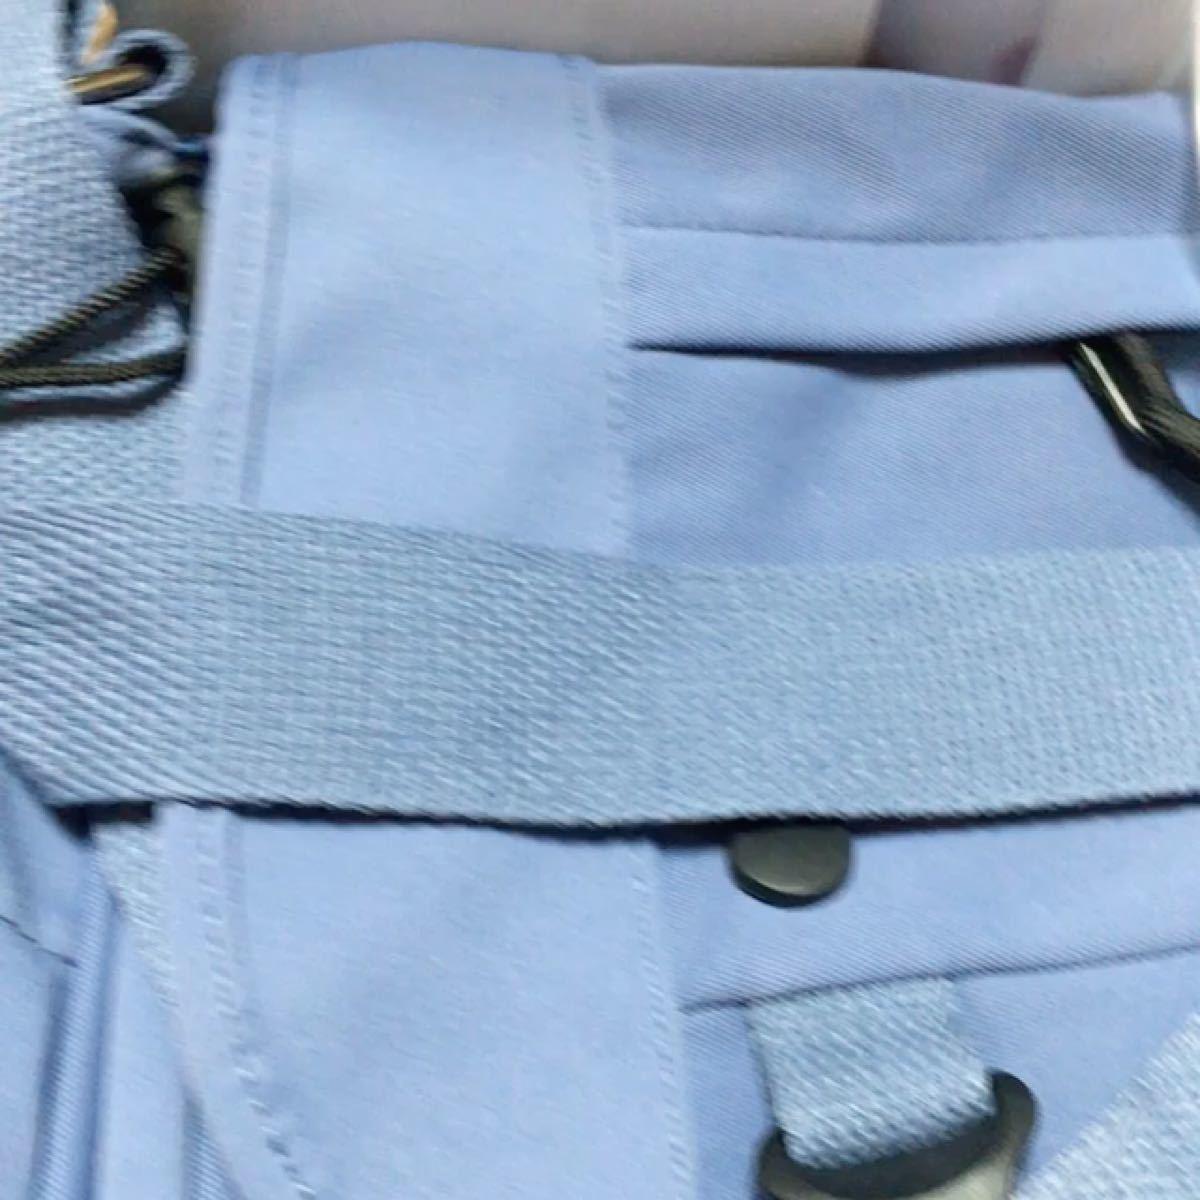 ショルダーバッグ 人気 高校生 メッセンジャーバッグ、トラベルショルダーバッグ 防水ナイロントラベルウエストバッグ ワークバッグ